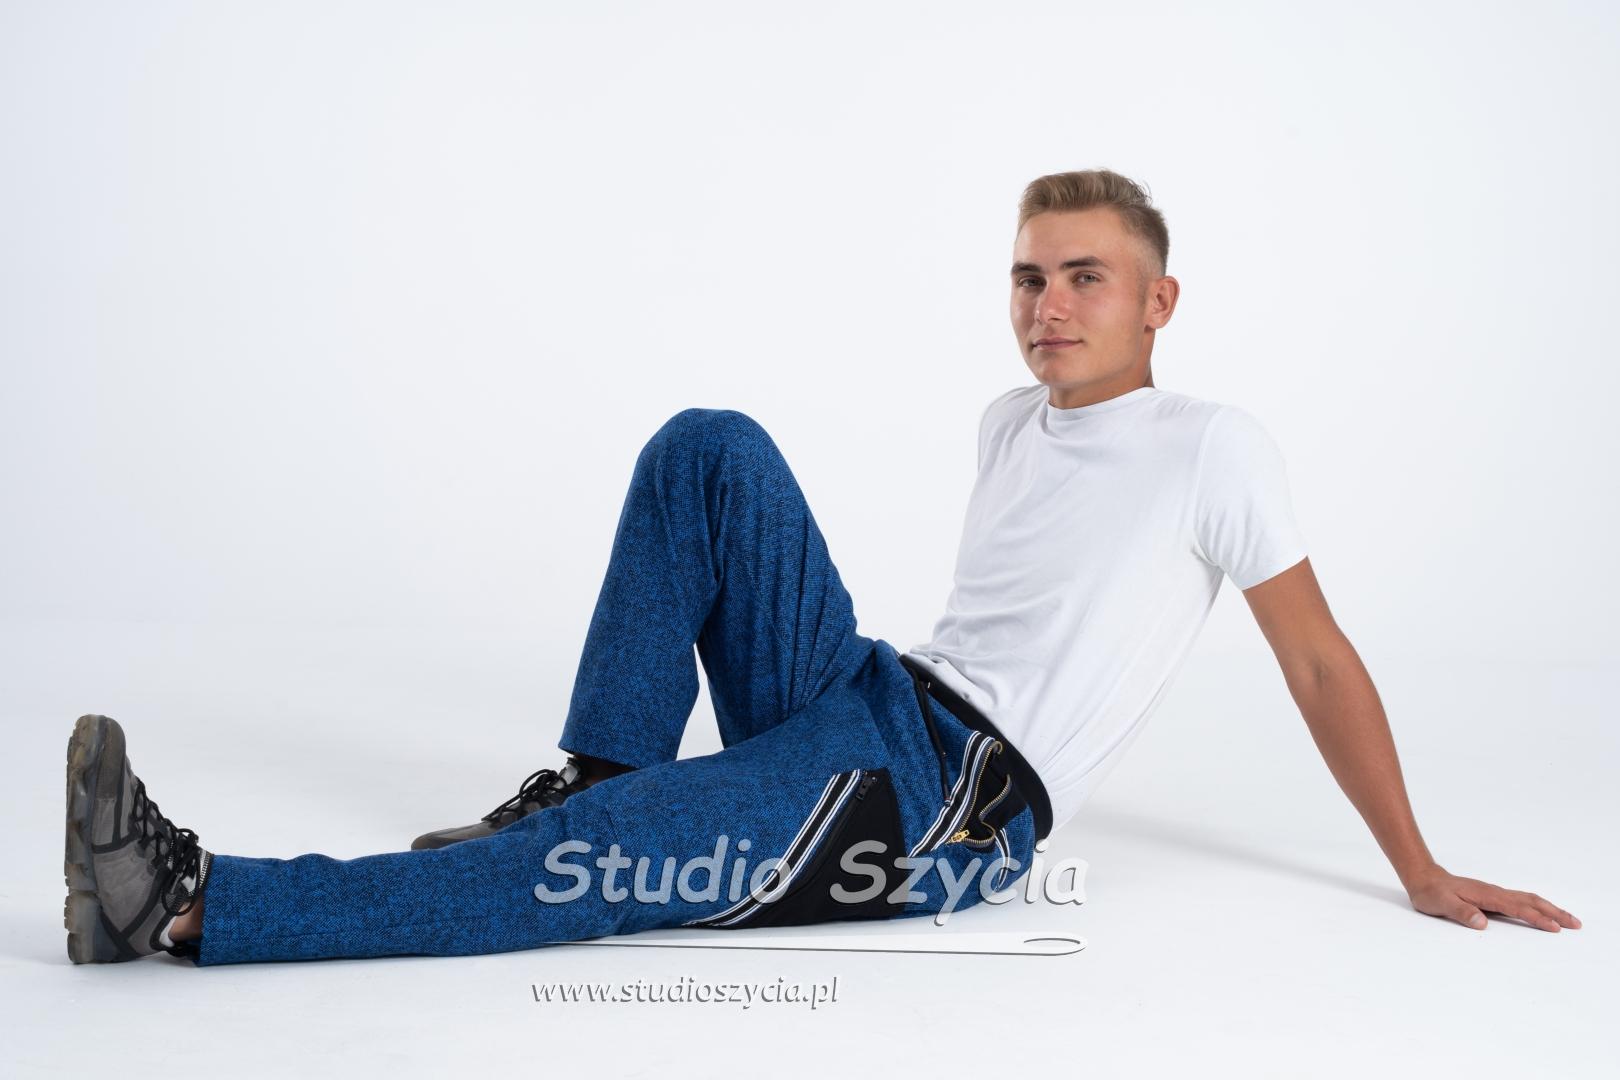 Spodnie dresowe ISD w kolorze niebieskim.